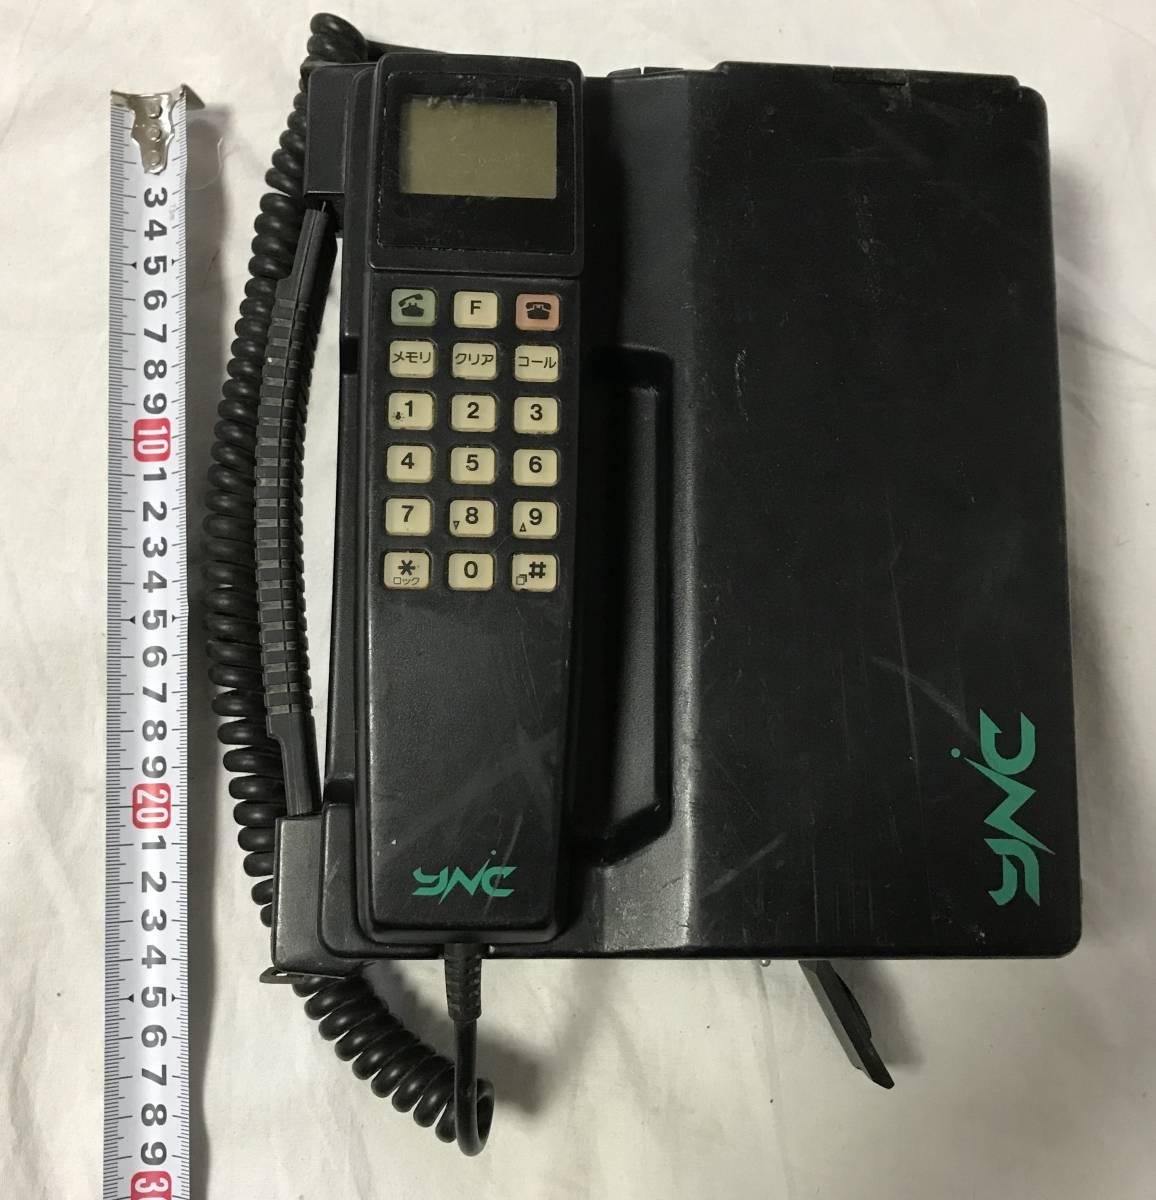 1991年製 EF-6256形簡易陸上移動無線電話移動機 カーテレフォン 車 携帯電話 初期 昭和レトロ_画像9